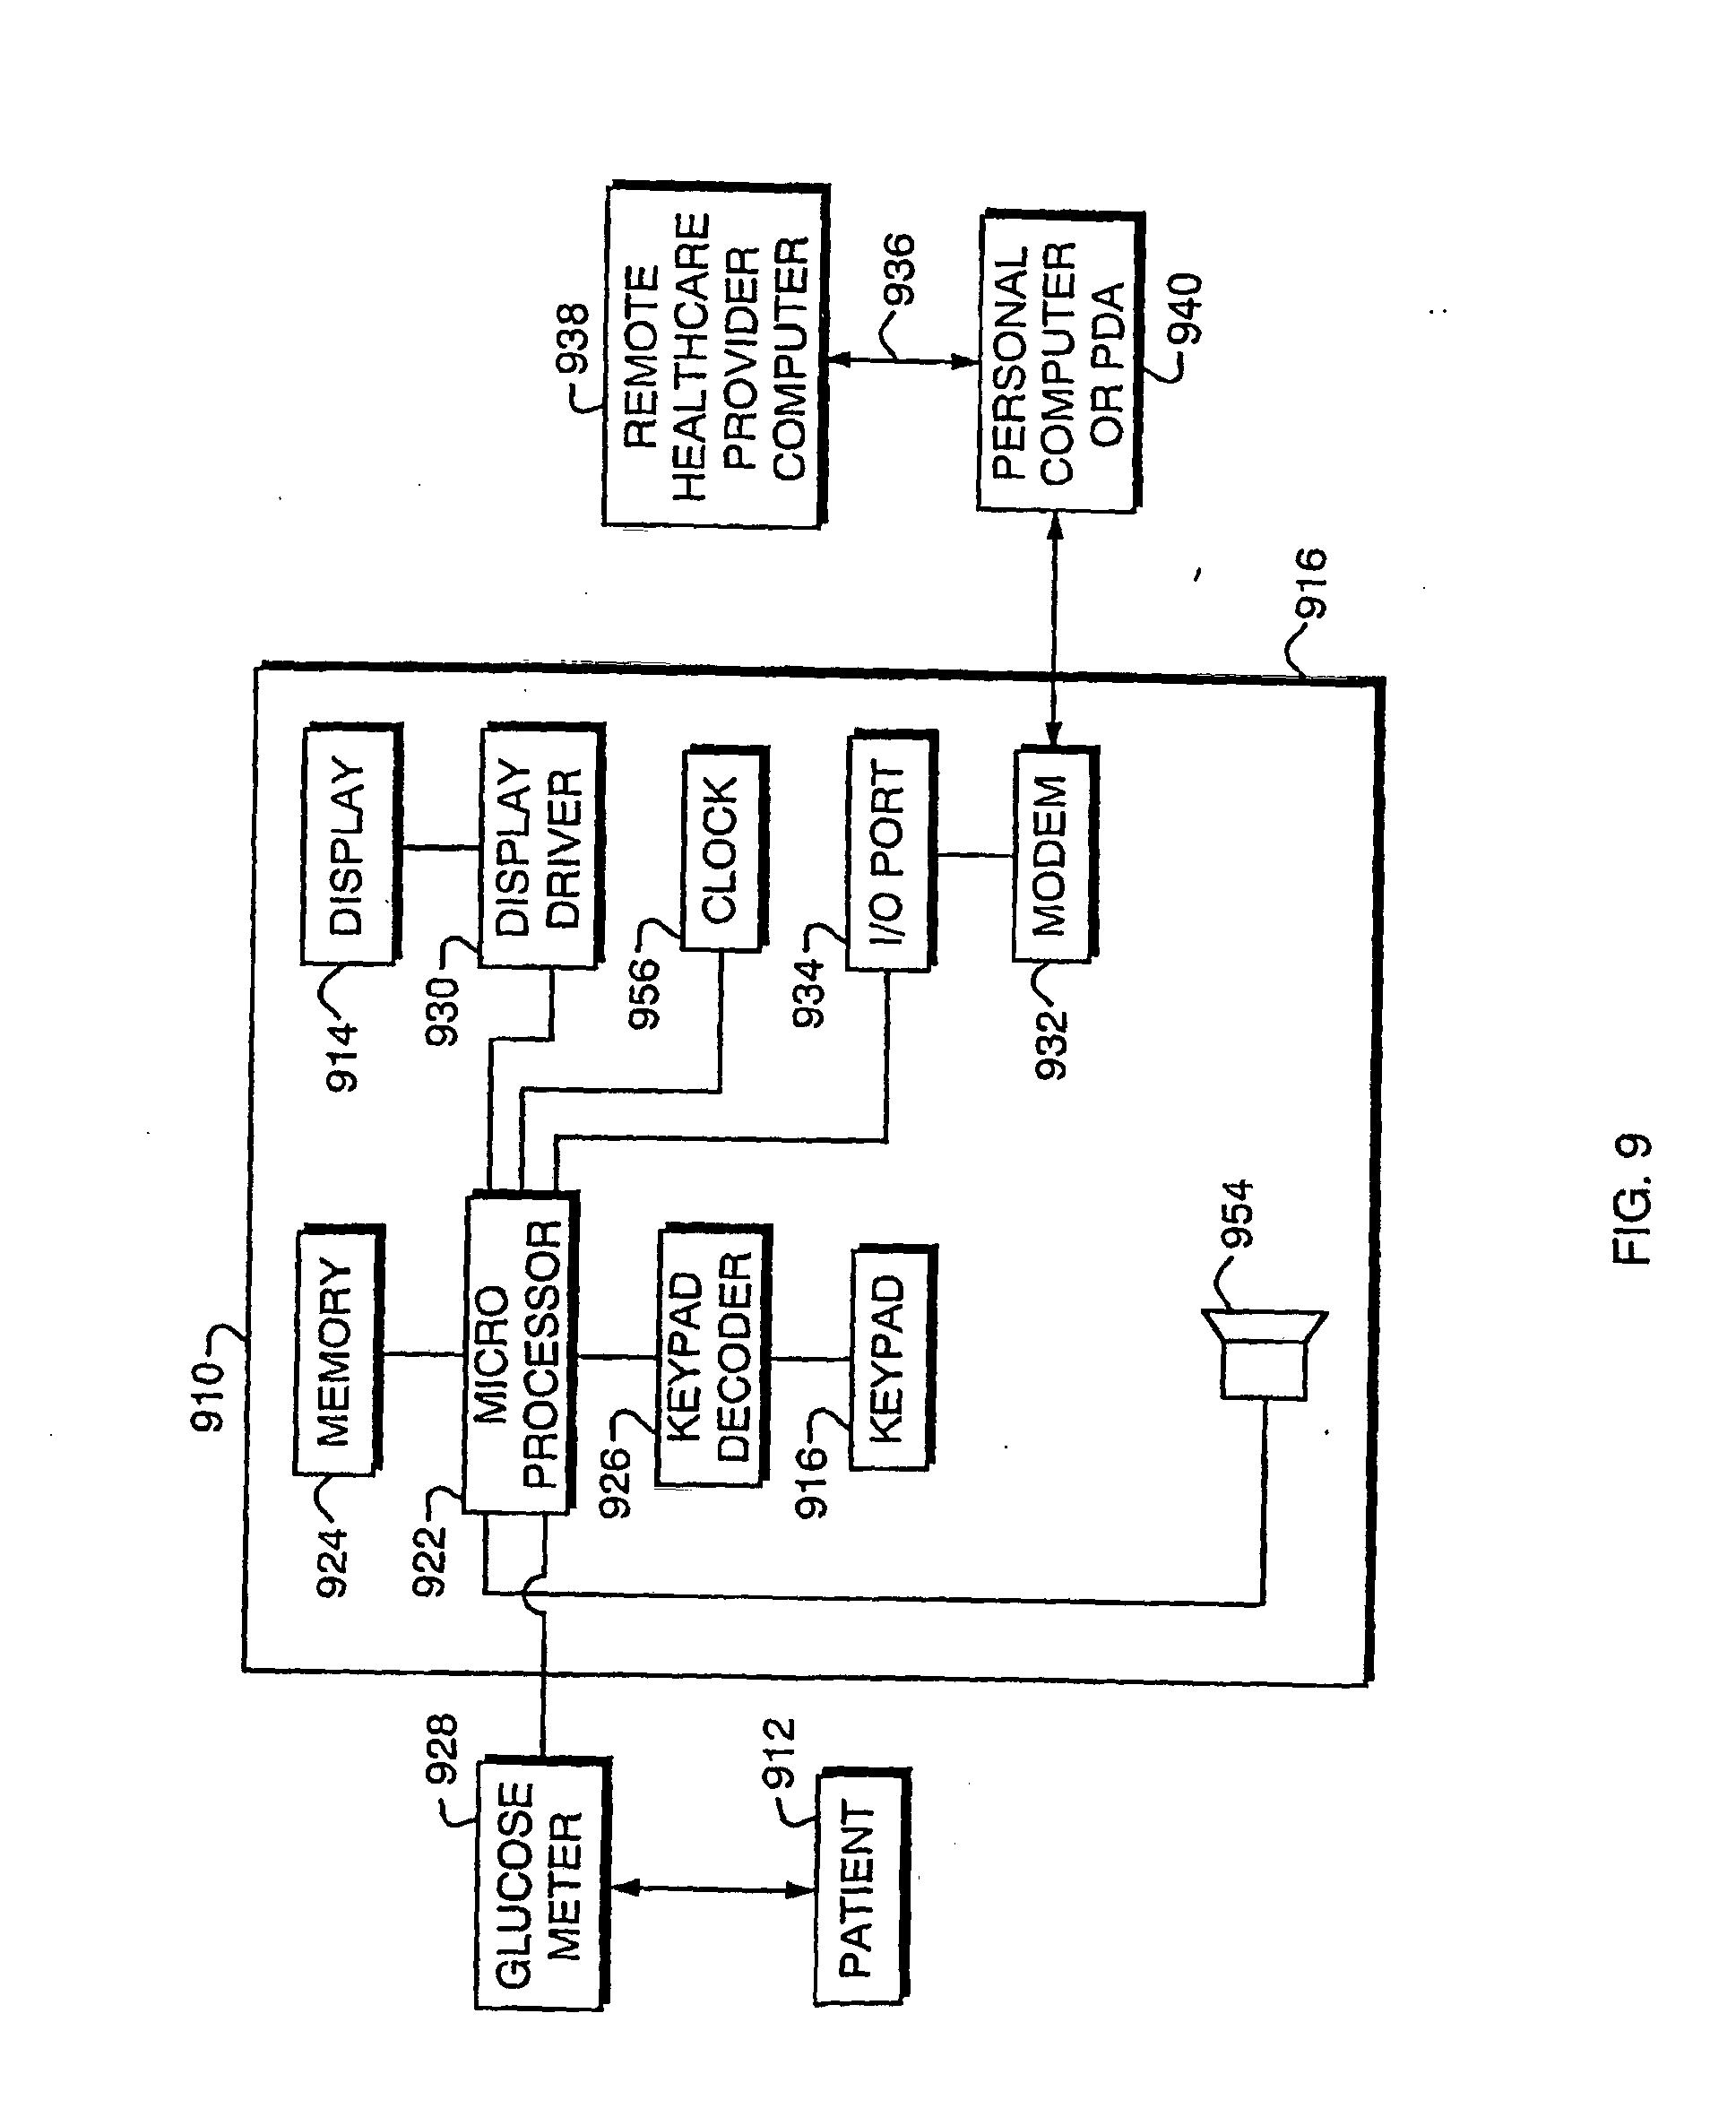 patent ep2327359b1 verfahren system und computerprogrammprodukt zur verarbeitung von selbst. Black Bedroom Furniture Sets. Home Design Ideas